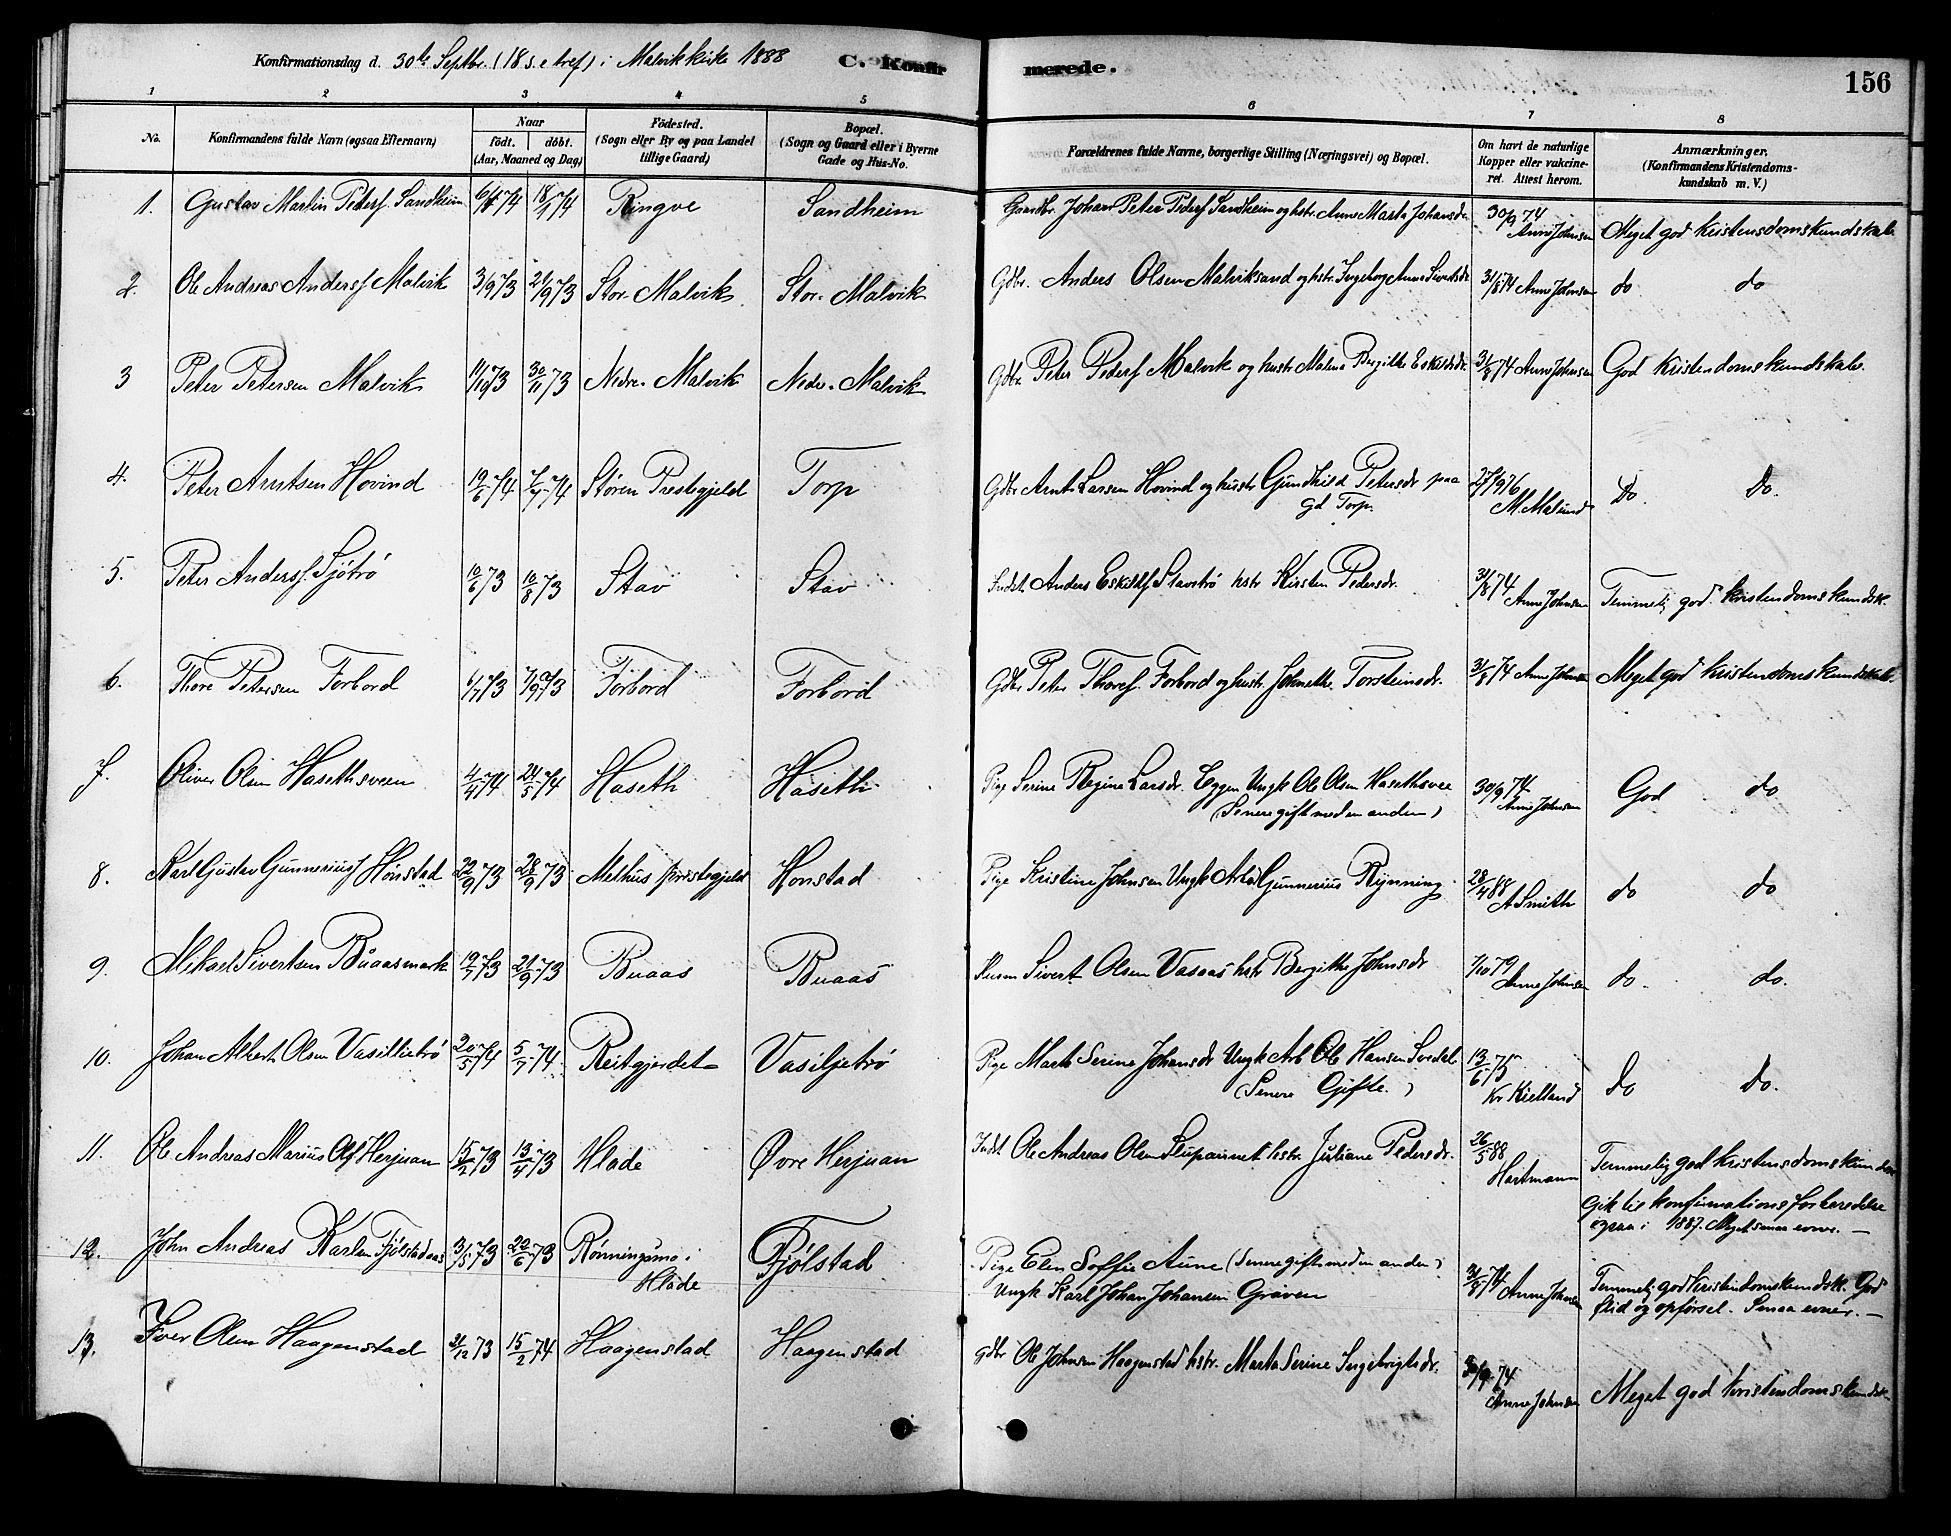 SAT, Ministerialprotokoller, klokkerbøker og fødselsregistre - Sør-Trøndelag, 616/L0423: Klokkerbok nr. 616C06, 1878-1903, s. 156